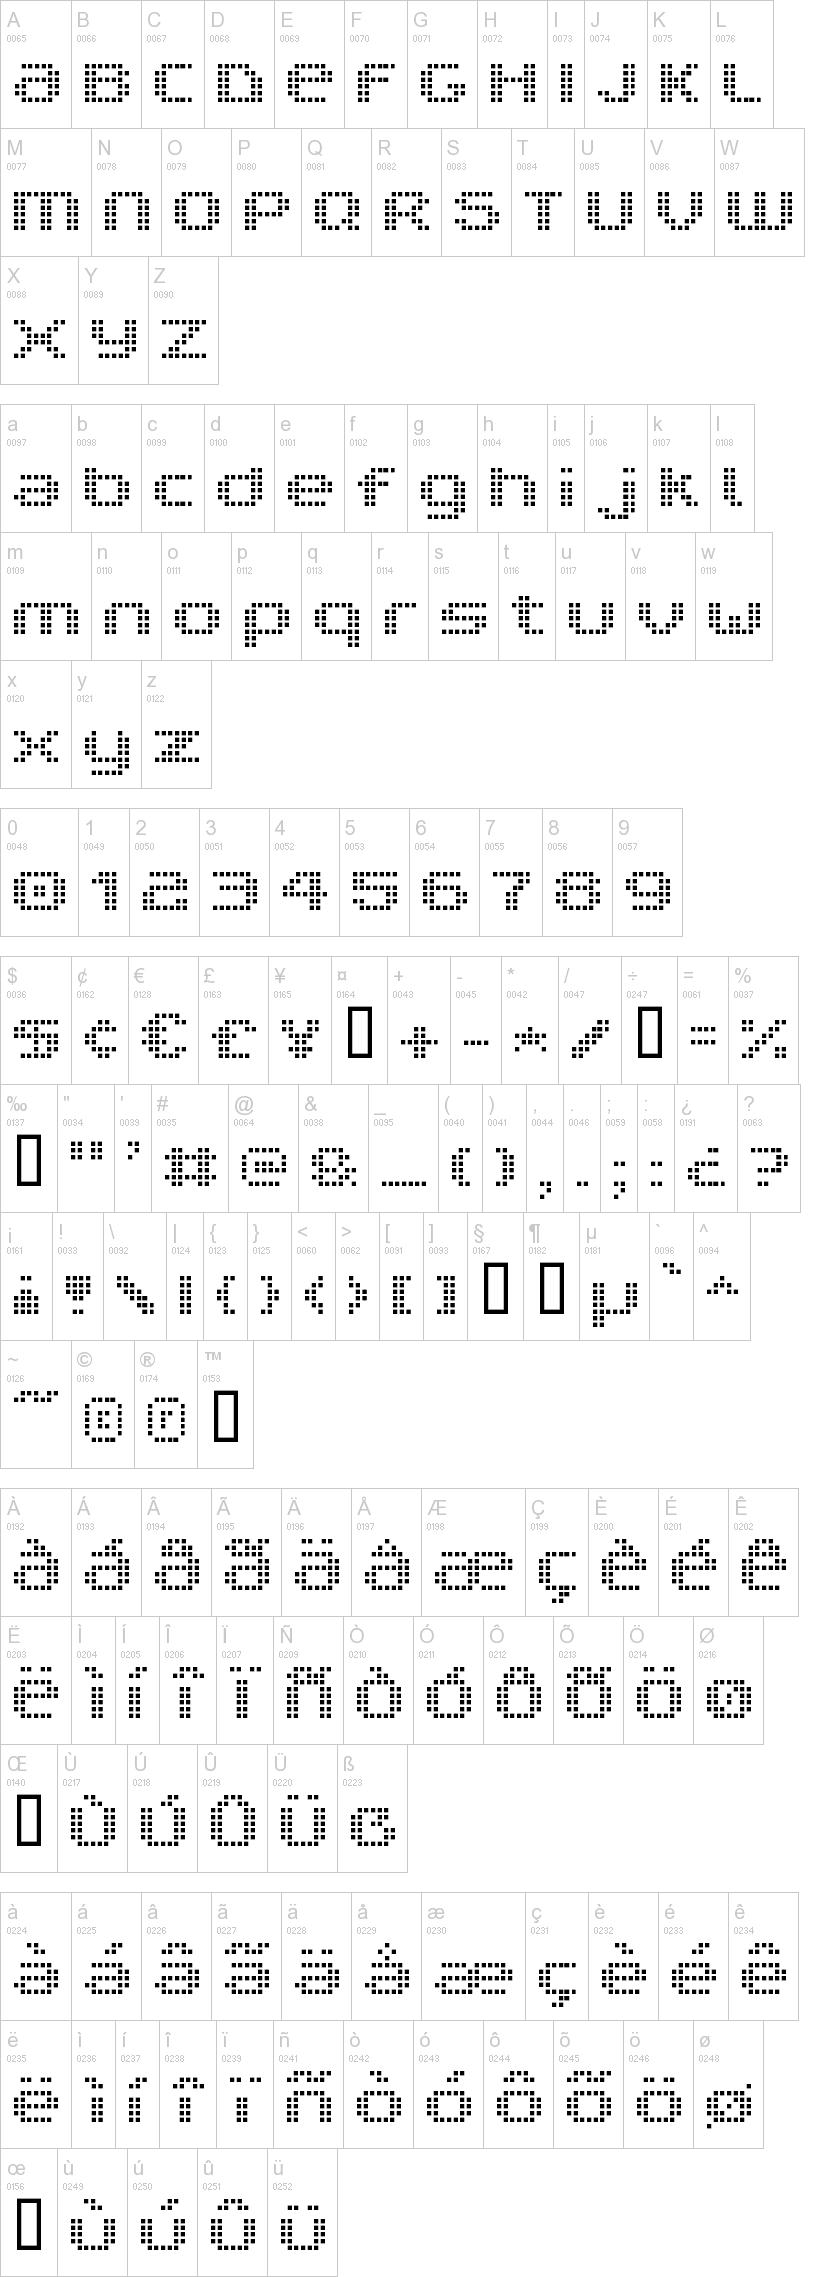 V5 Prophit Cell Font | dafont com